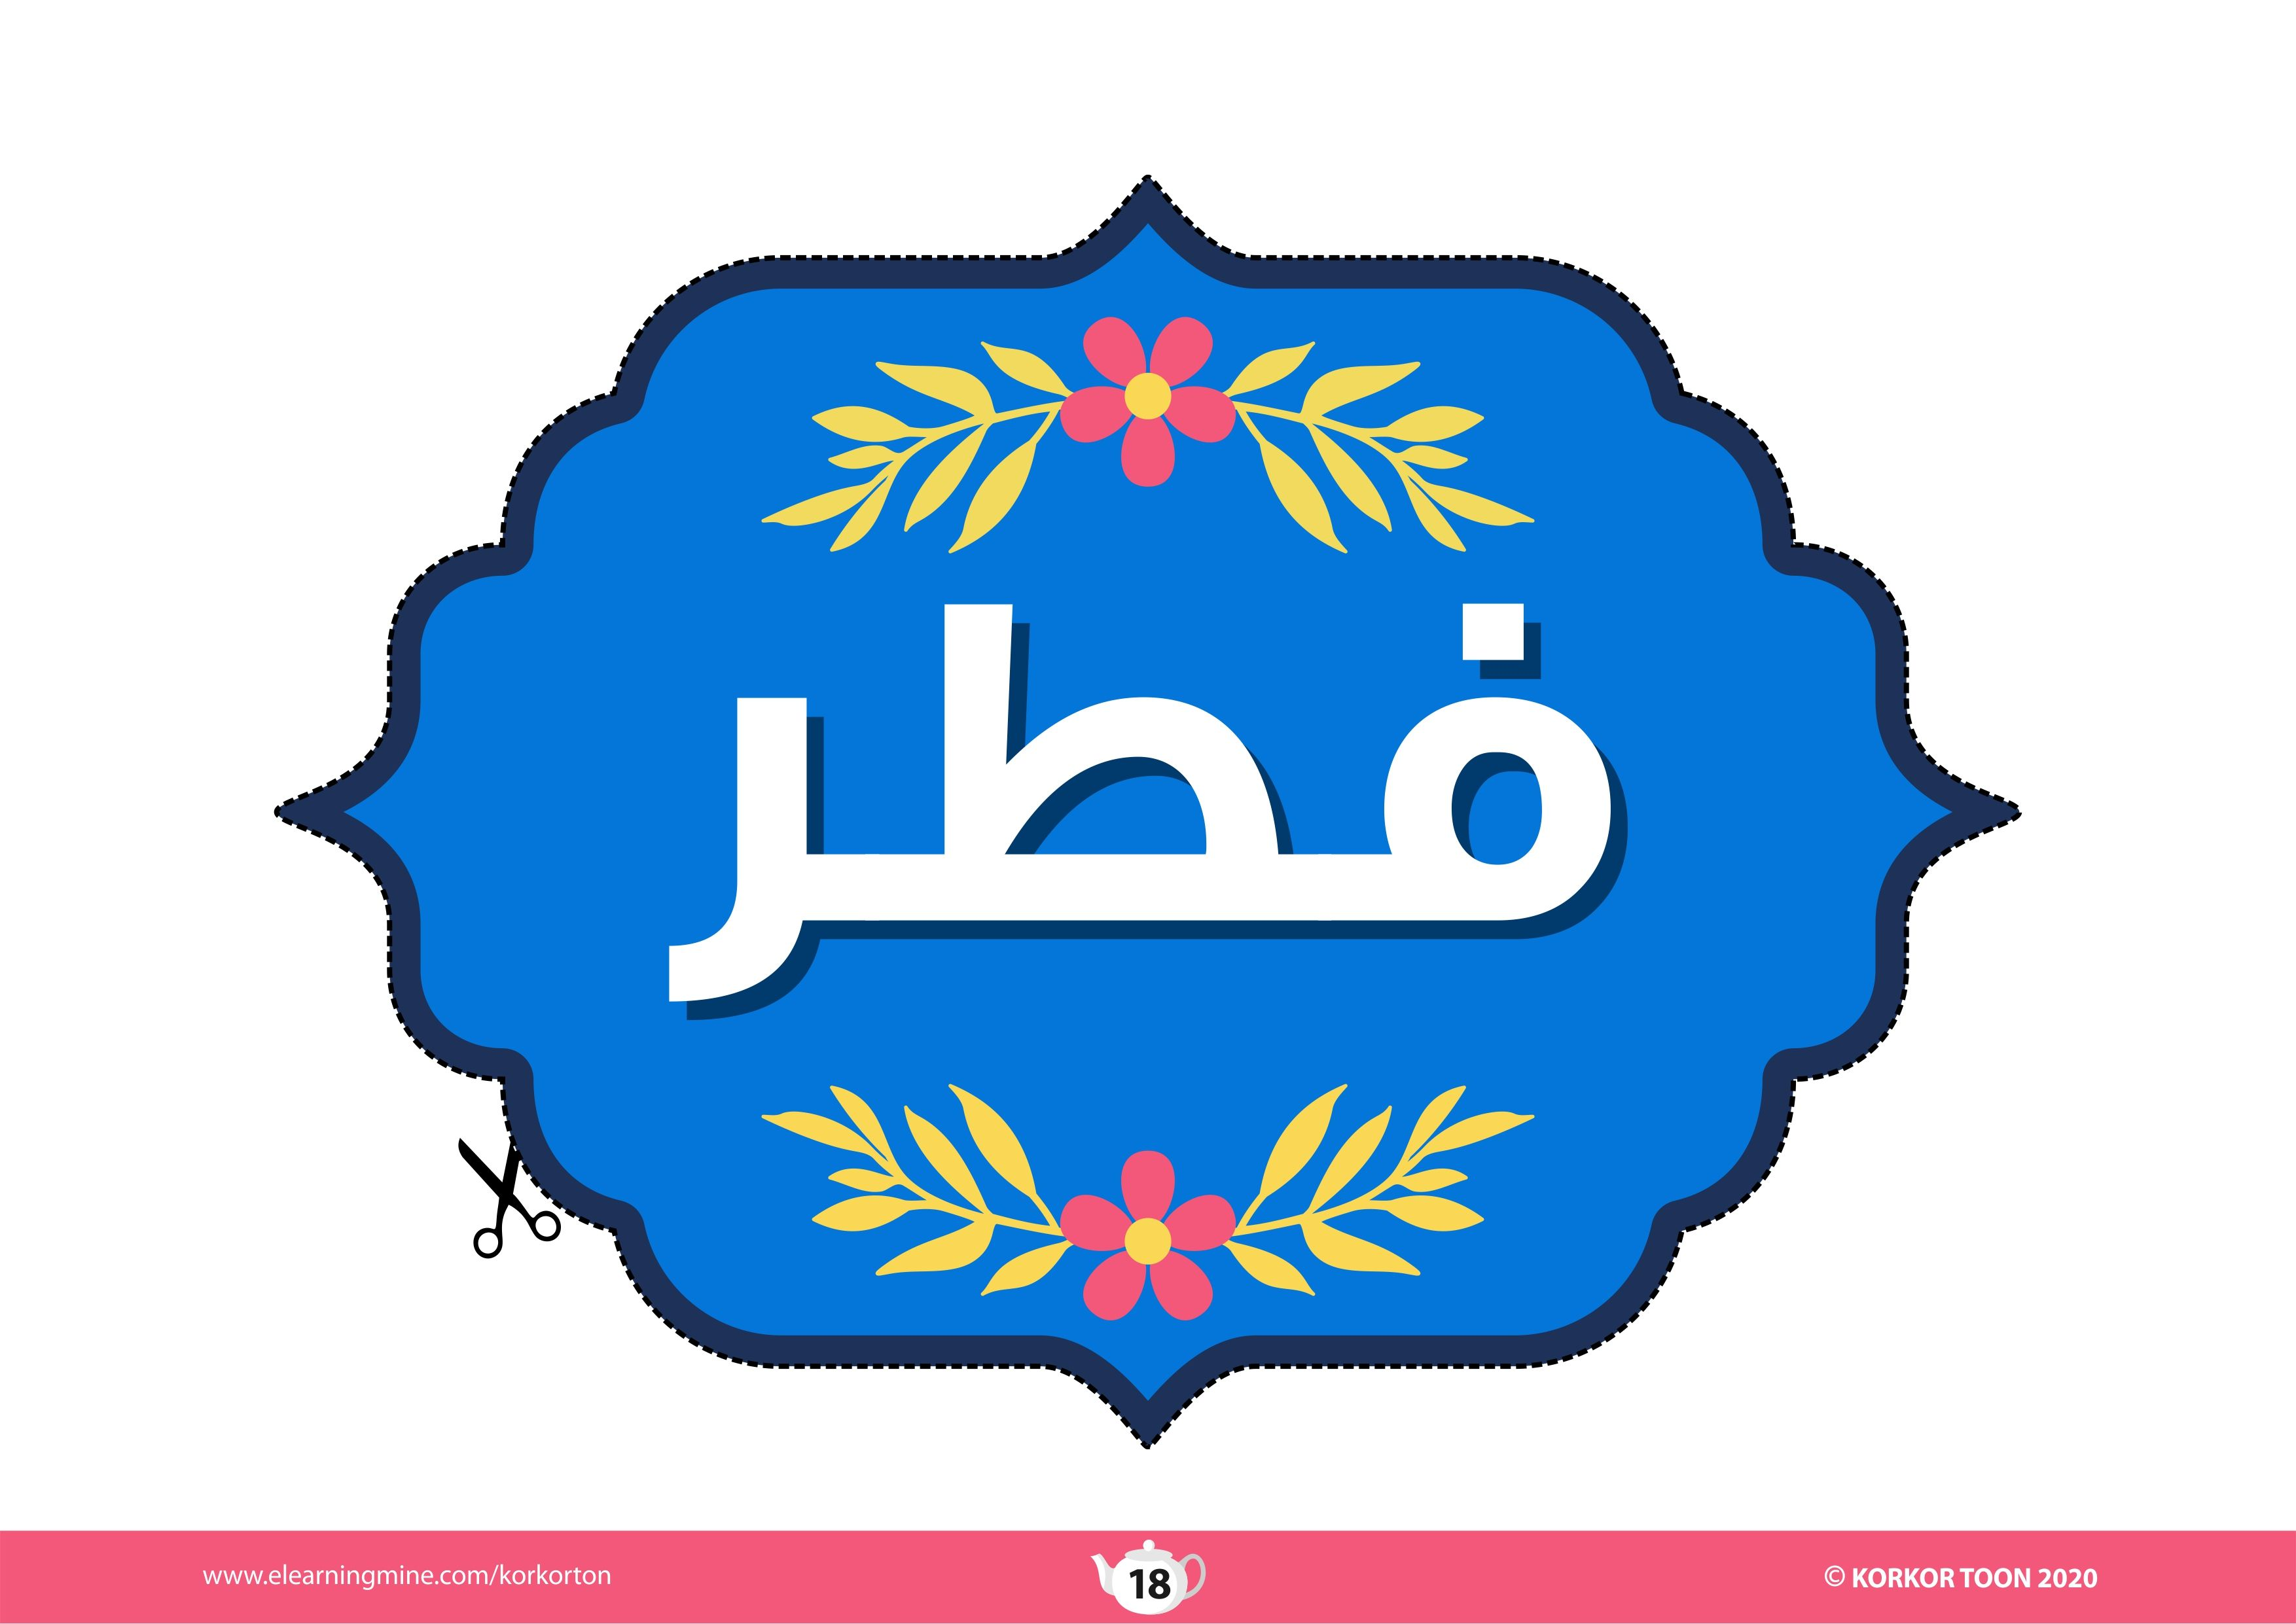 Printable Eid Decoration زينة العيد للطباعة Eid Decoration Eid Gifts Decor